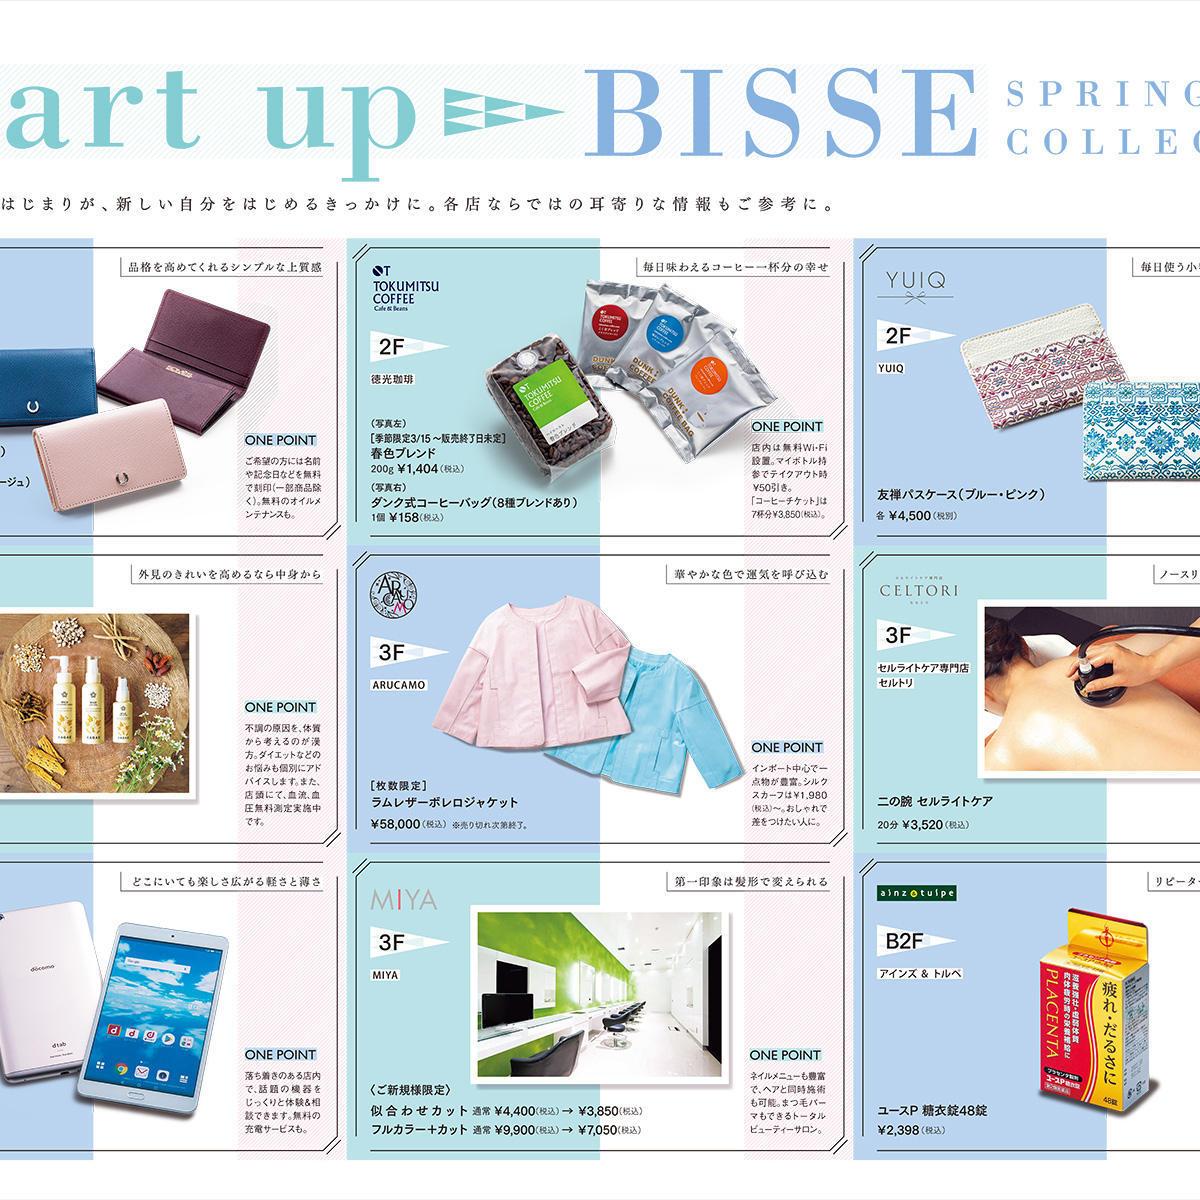 【BISSE Spring -Start up BISSE-】スタートの春を、ビッセで。